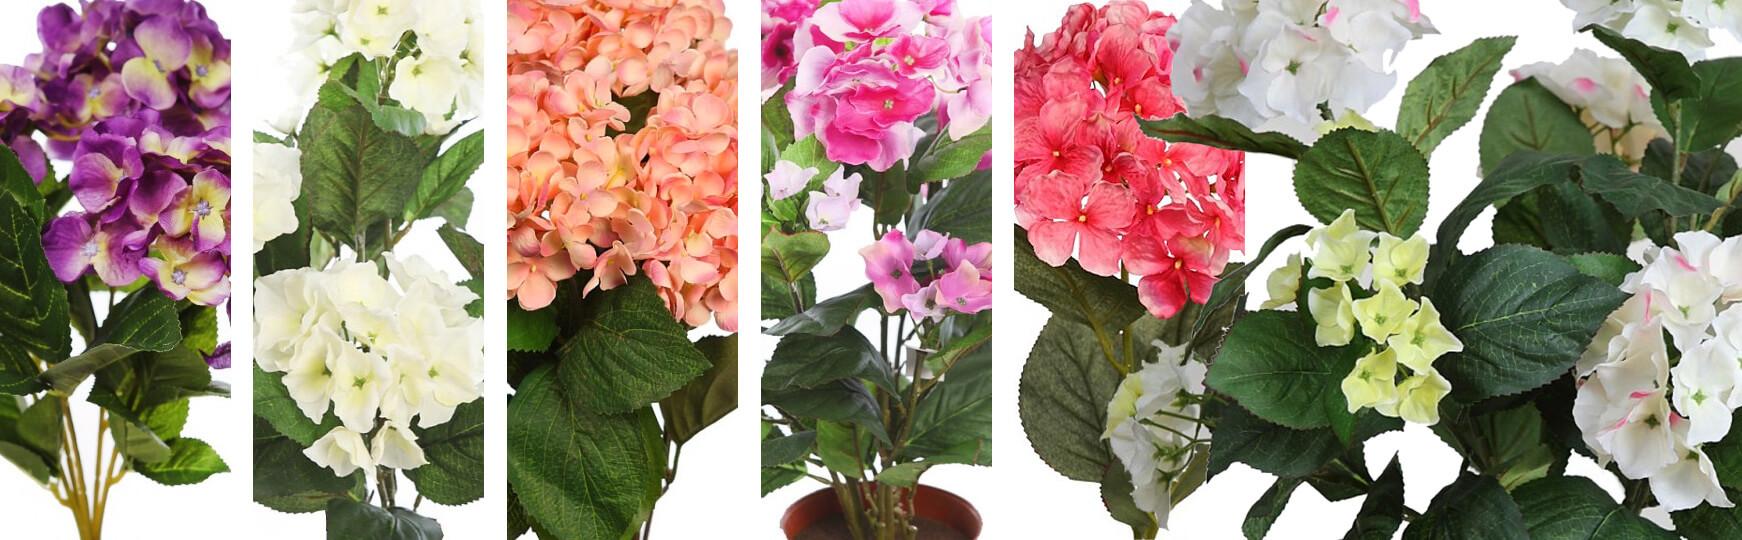 hortensias artificiales al mejor precio